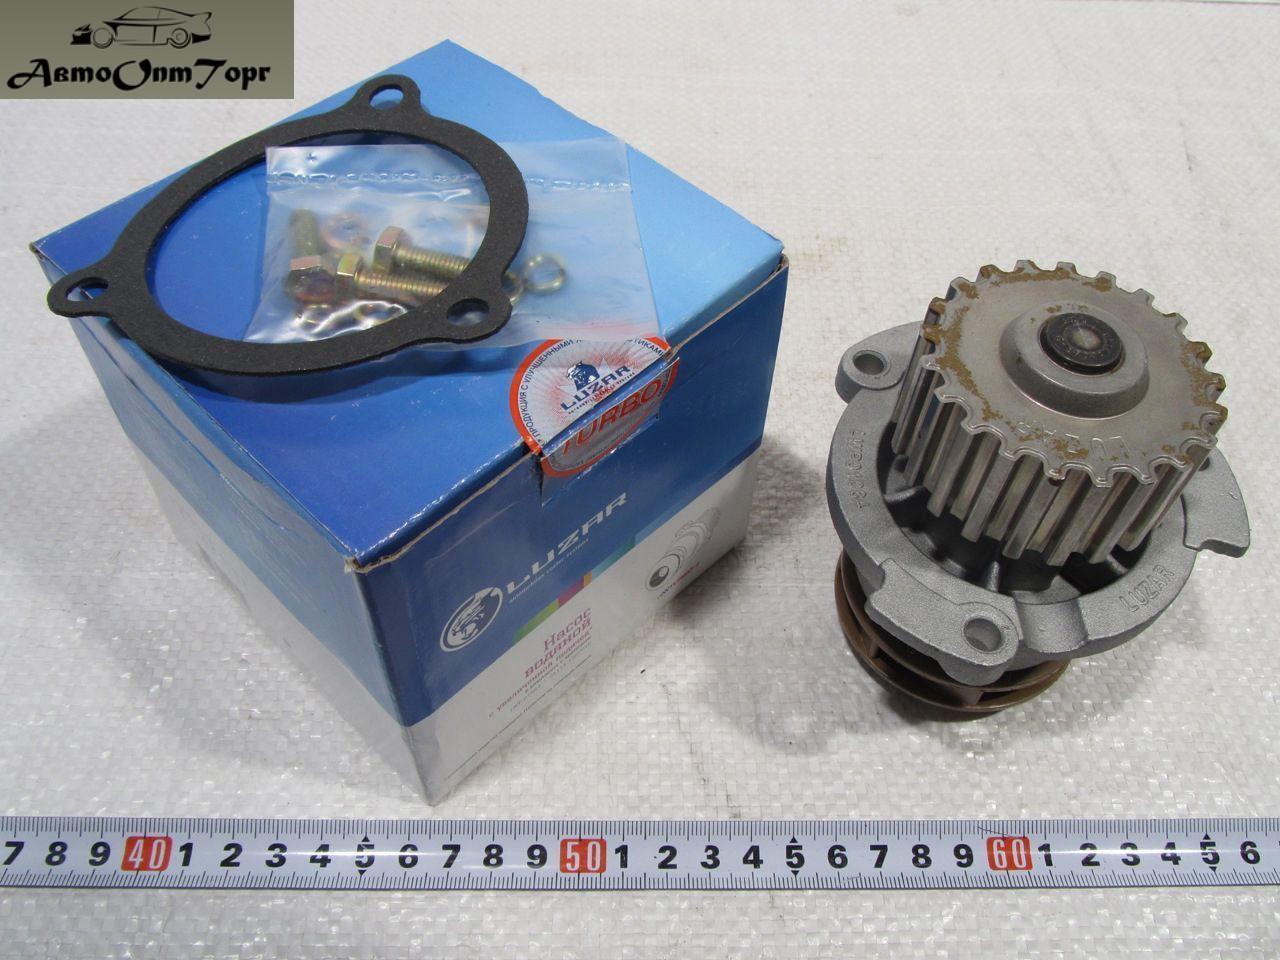 Насос водяной ВАЗ 2108, 2109, 21099, 2110, 2111, 2112, 2113, 2114, 2115, 1111 ОКА, (помпа) повышенной производительности  с 8 клапанным двигателем,